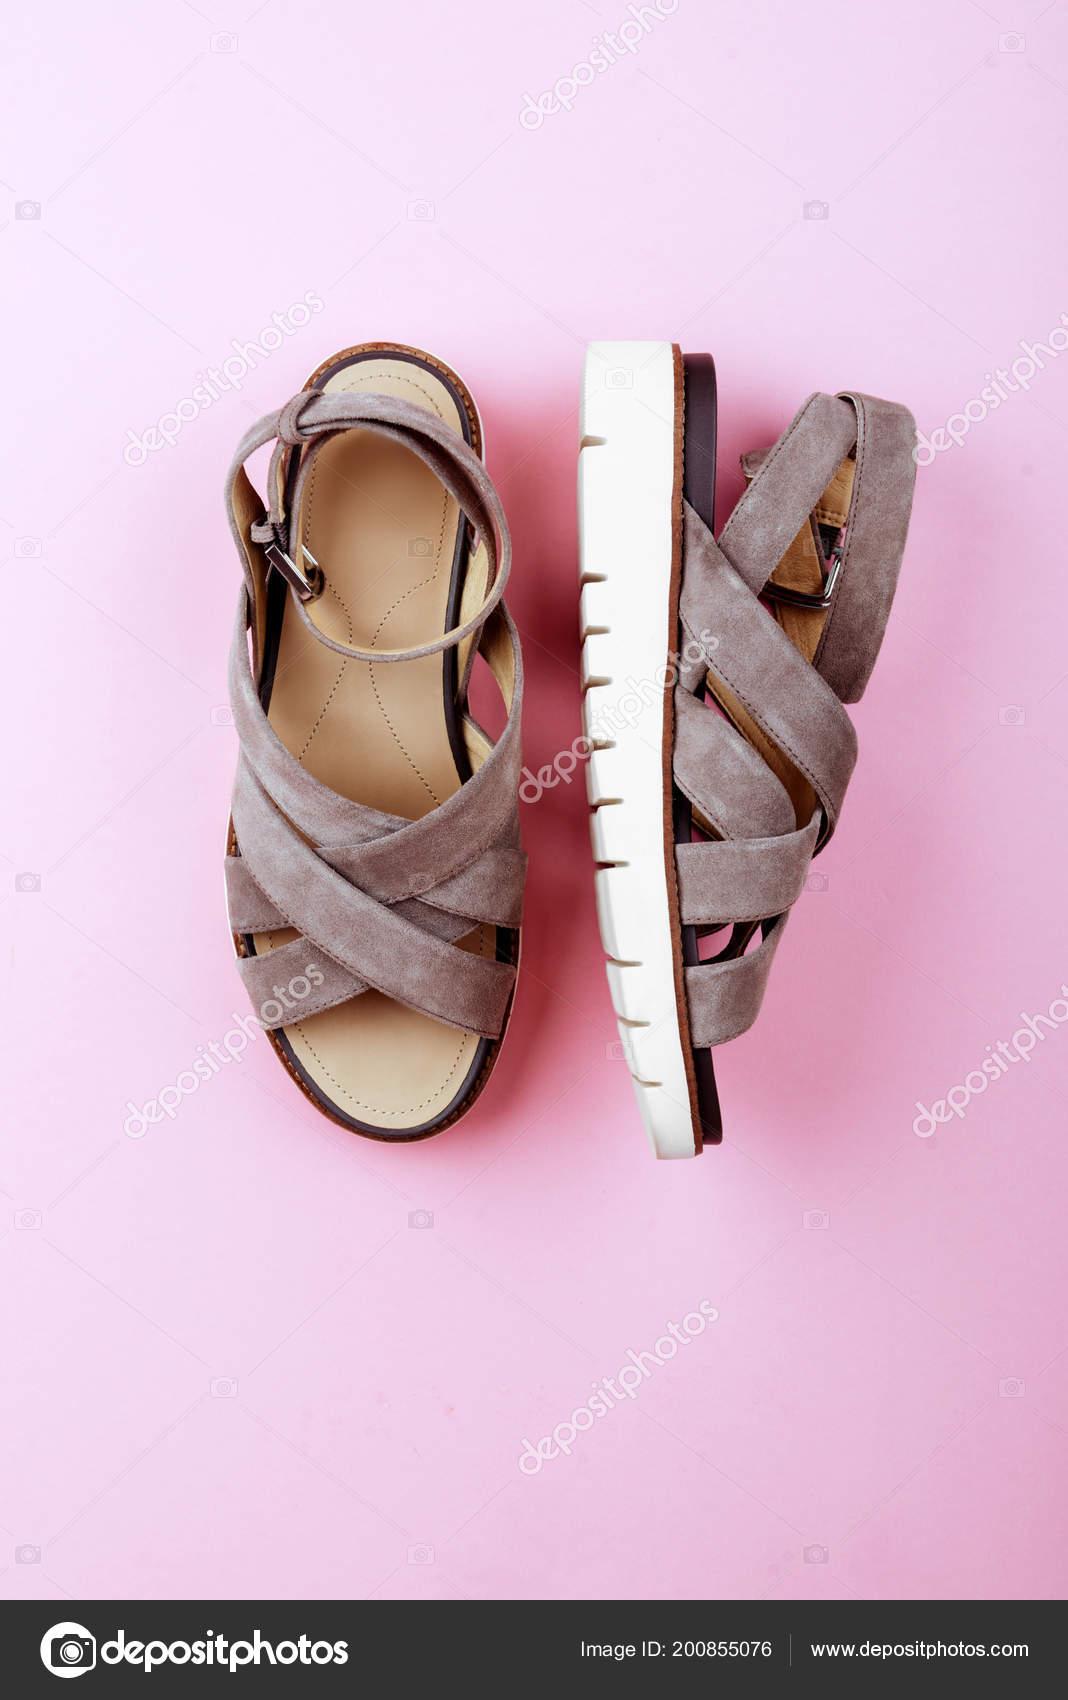 De Moda SandaliasVerano Pastel Fondos Estilo Pk8nwO0